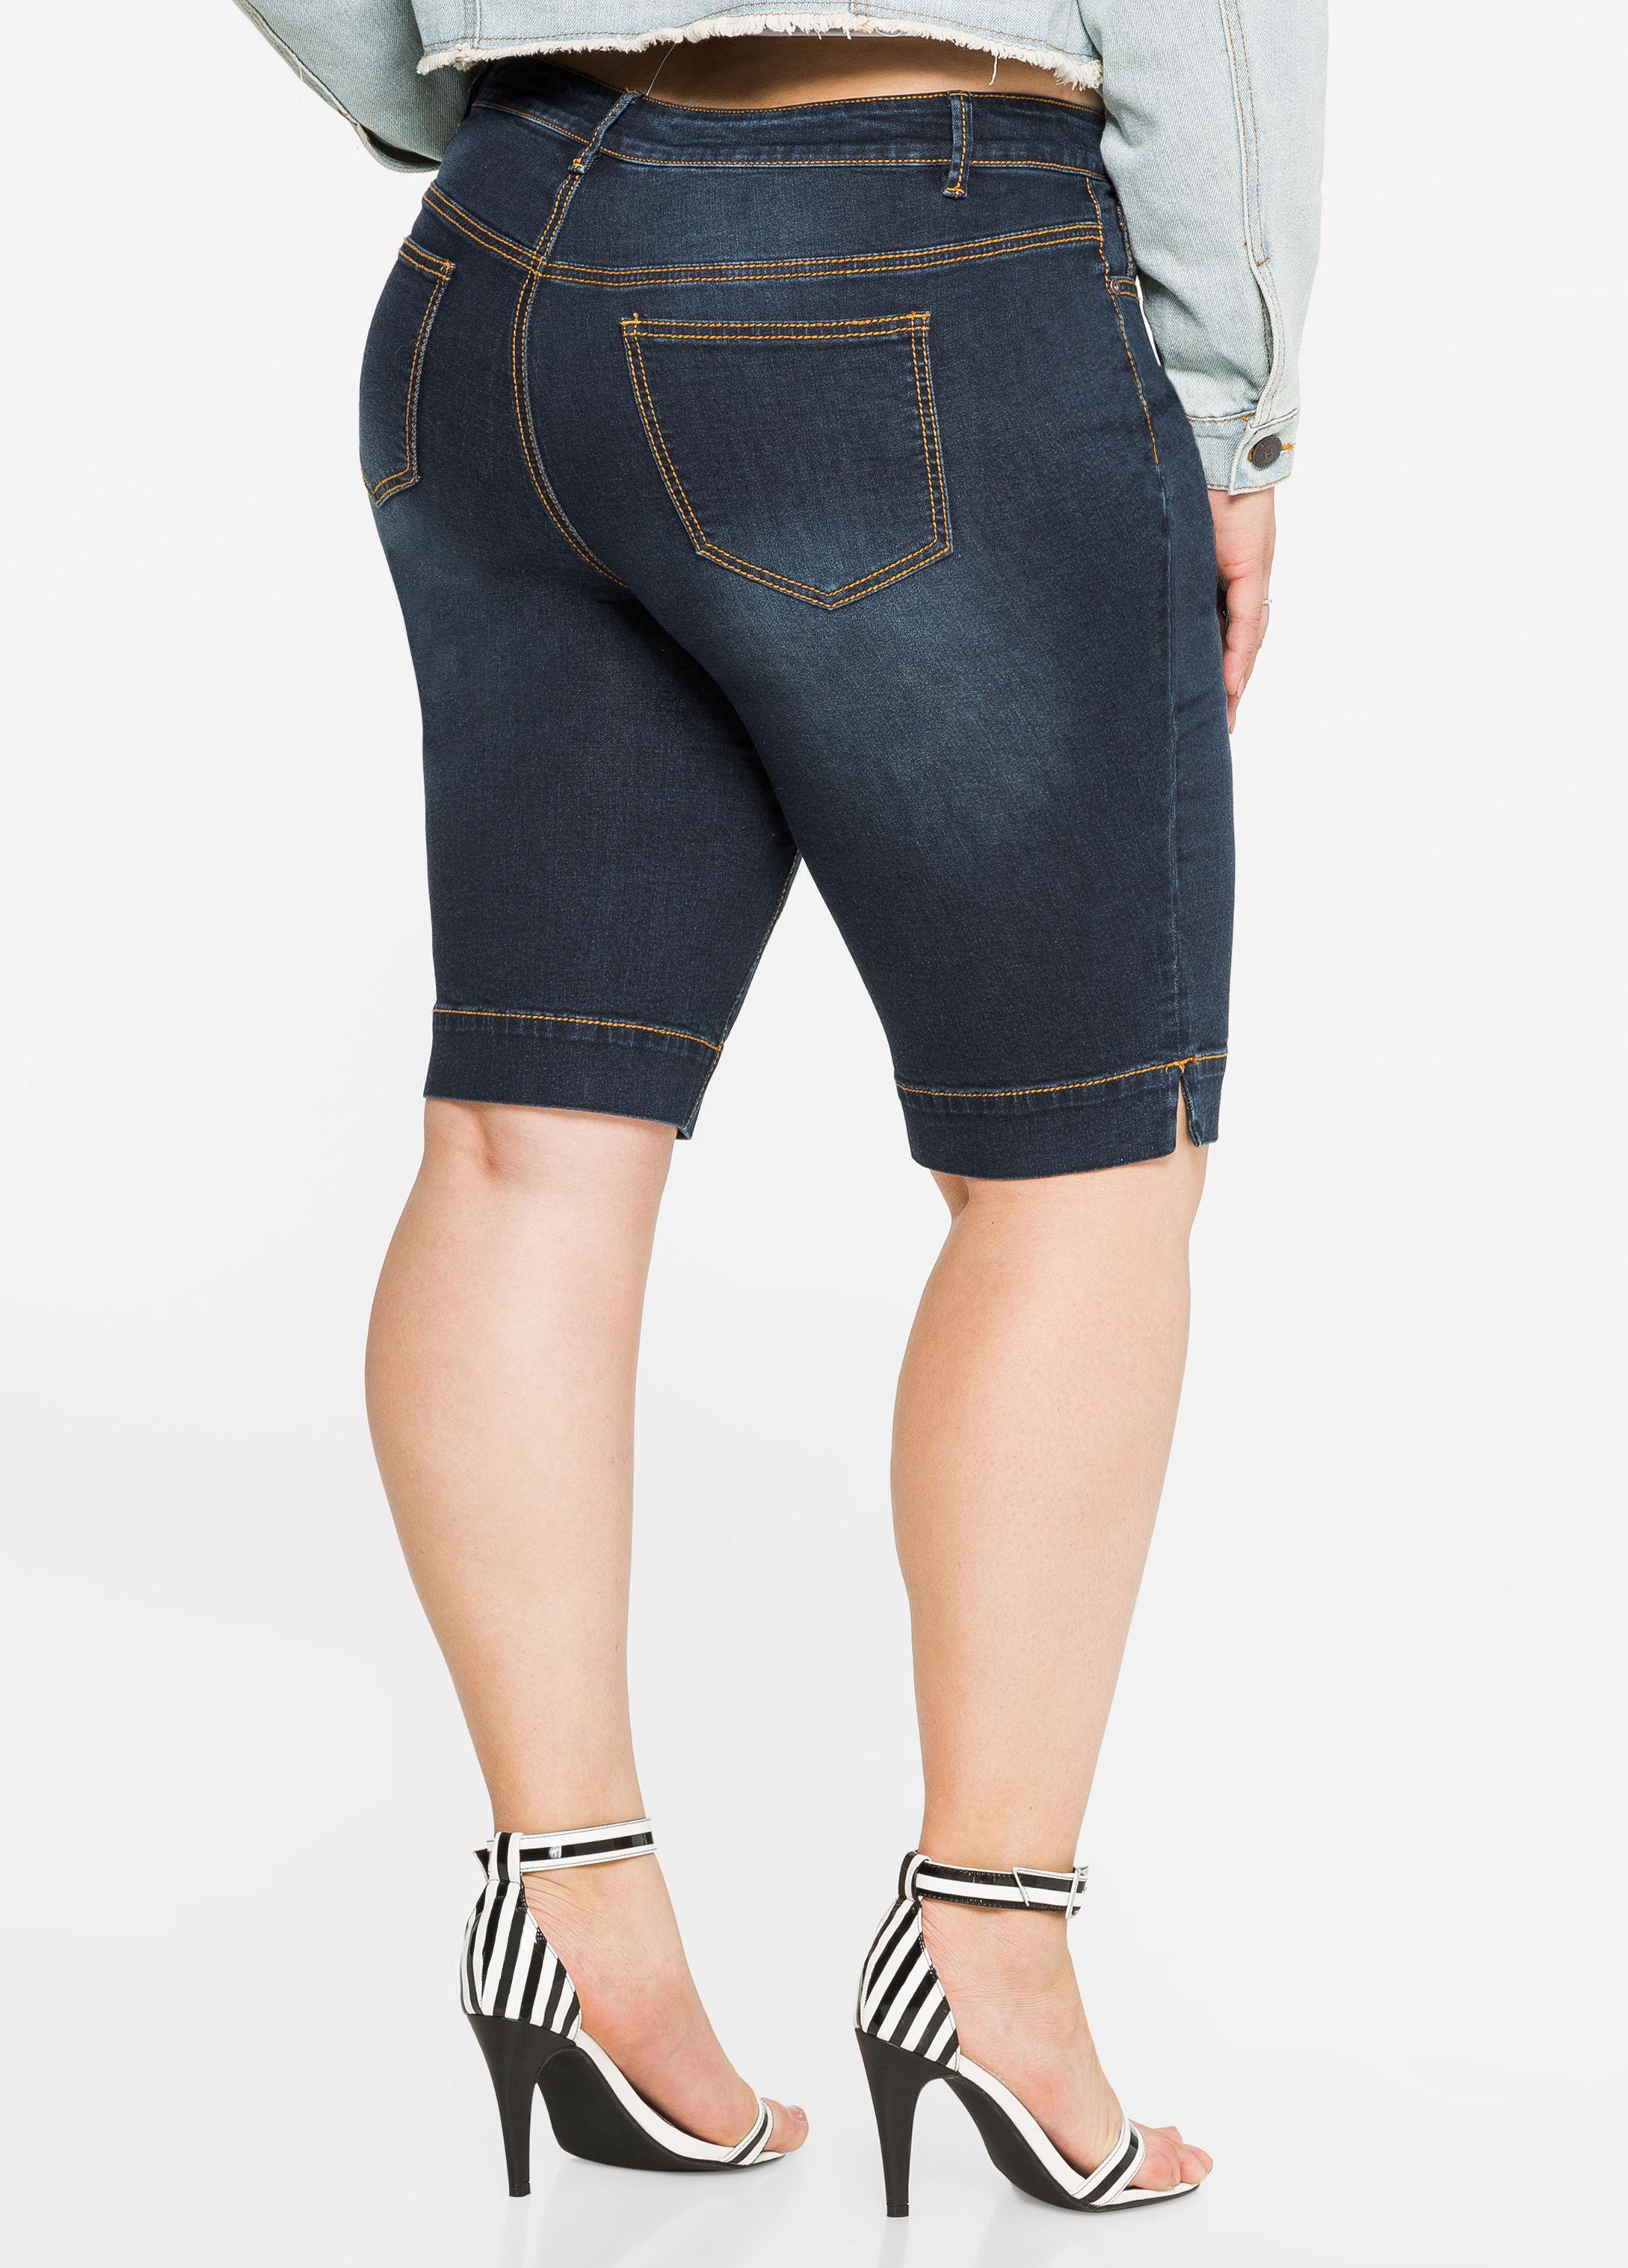 4d151a4aca8 Ashley Stewart Denim Bermuda Shorts in Blue - Lyst